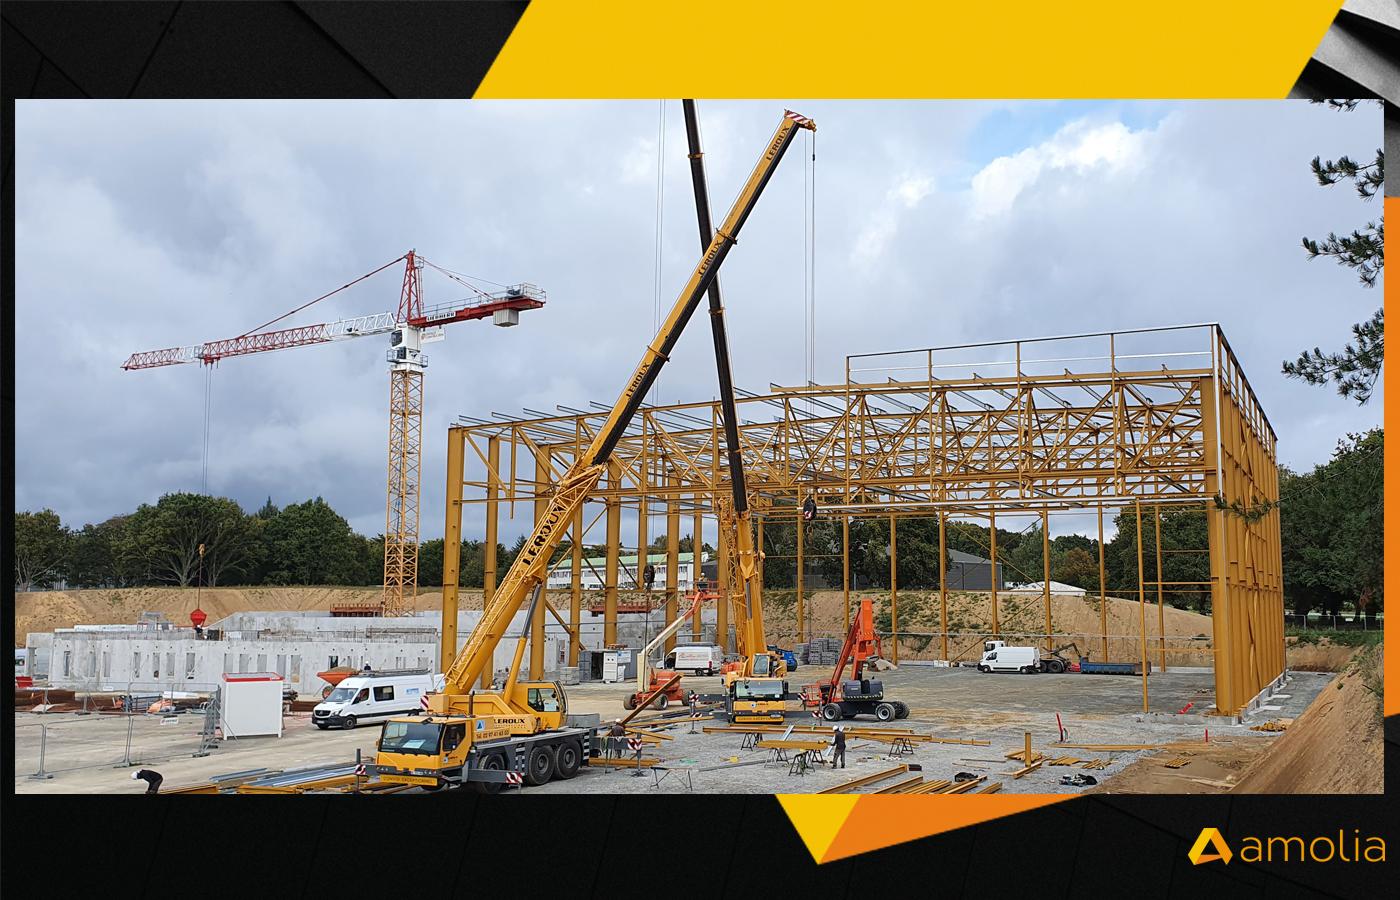 AMOLIA - Réalisation d'un bâtiment de maintenance industrielle pour les aéronefs de la base aéronavale de Lann Bihoué